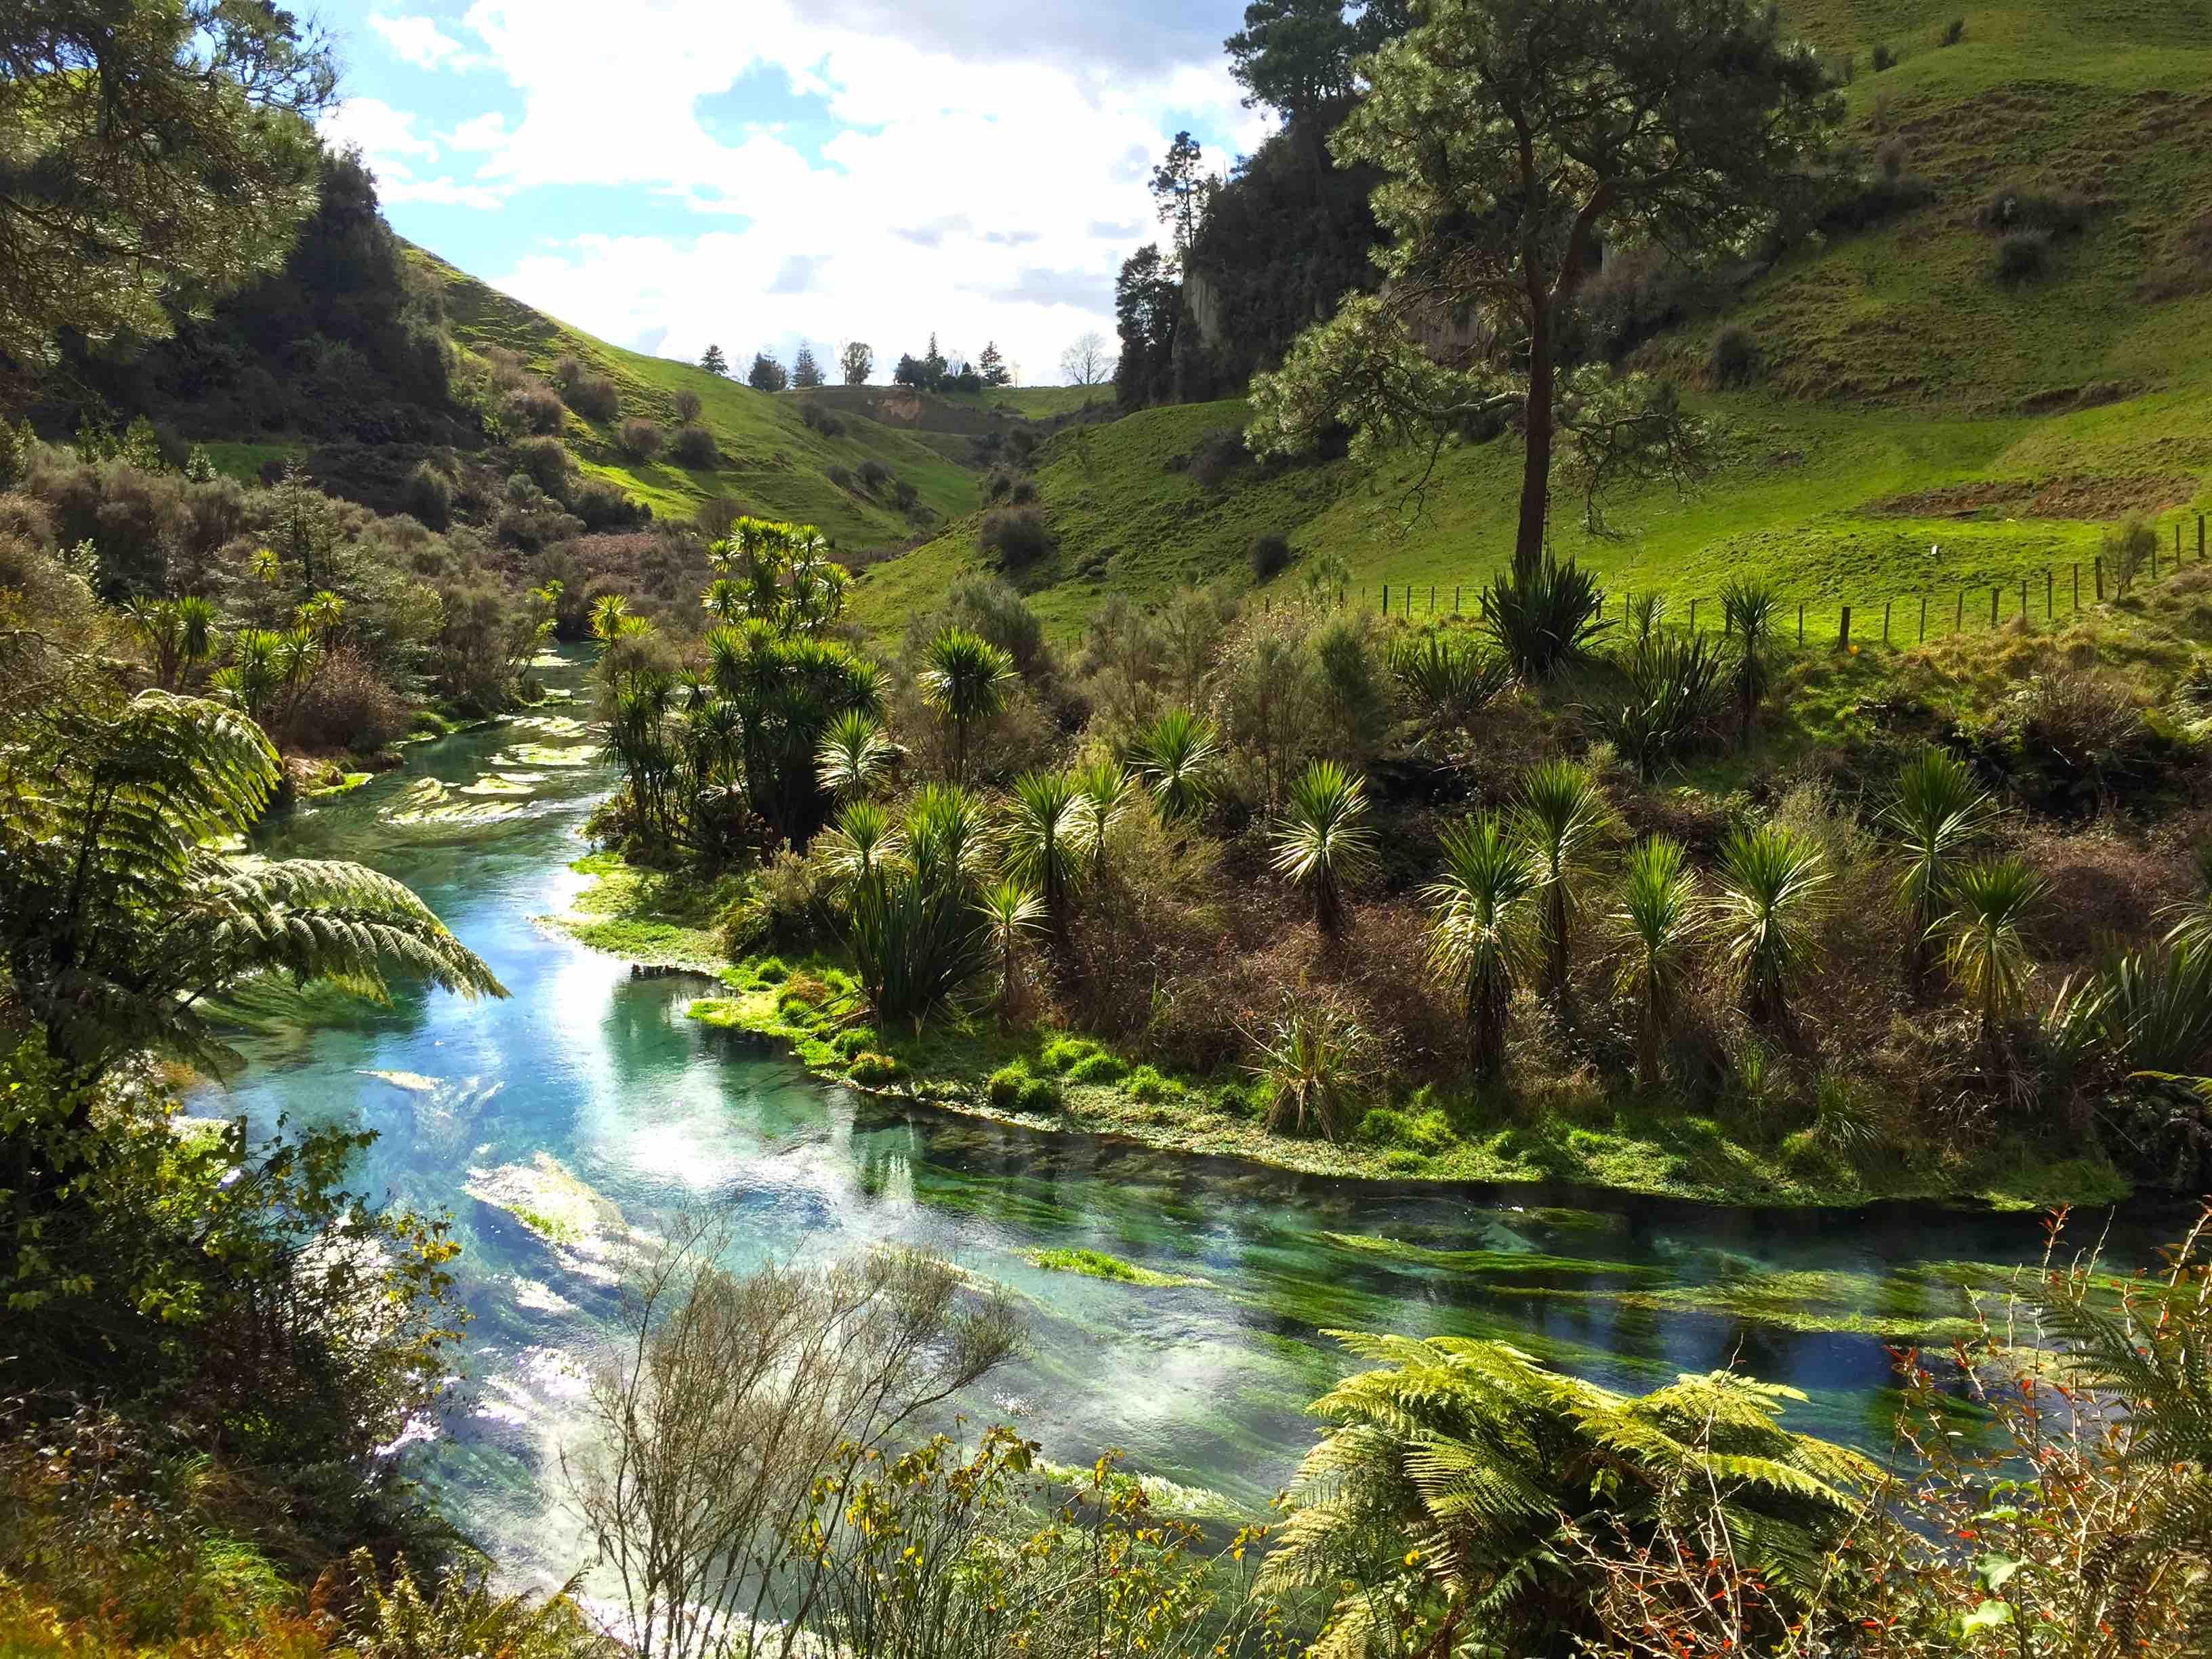 水草が美しく映える川